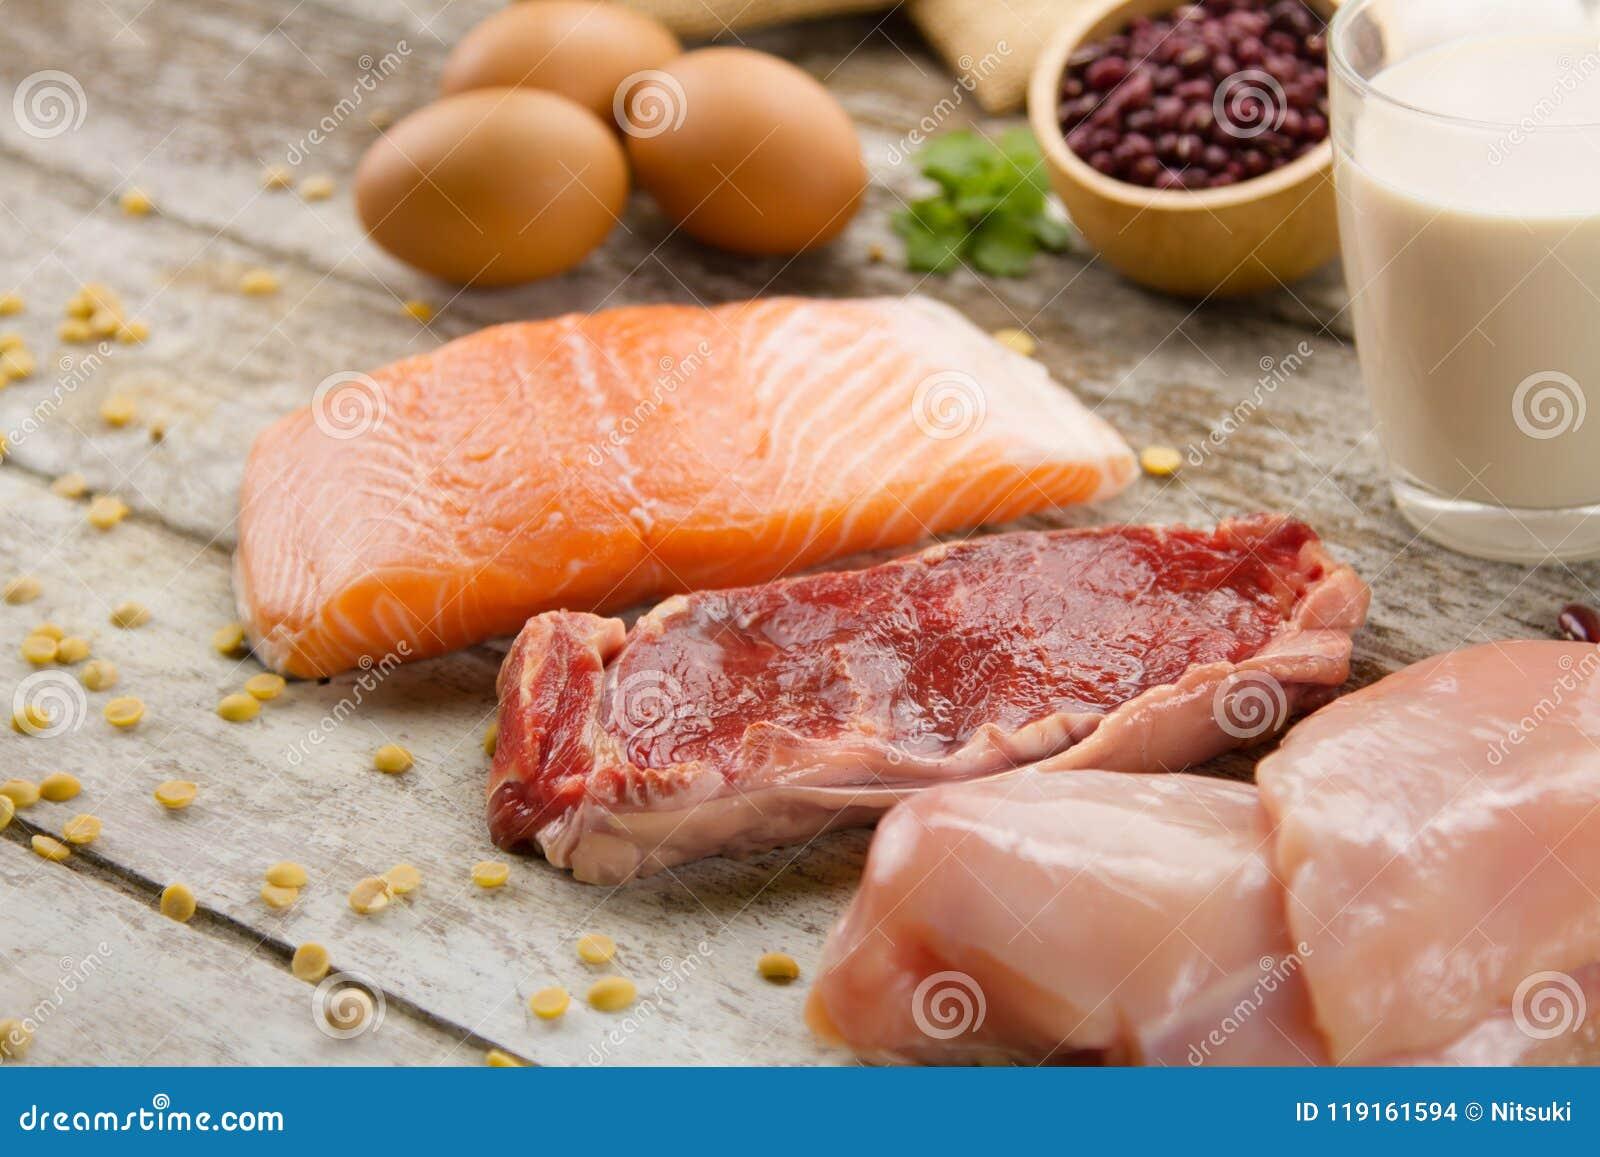 Bogaty odżywki jedzenie ryba, mięso, jajka i mleko,